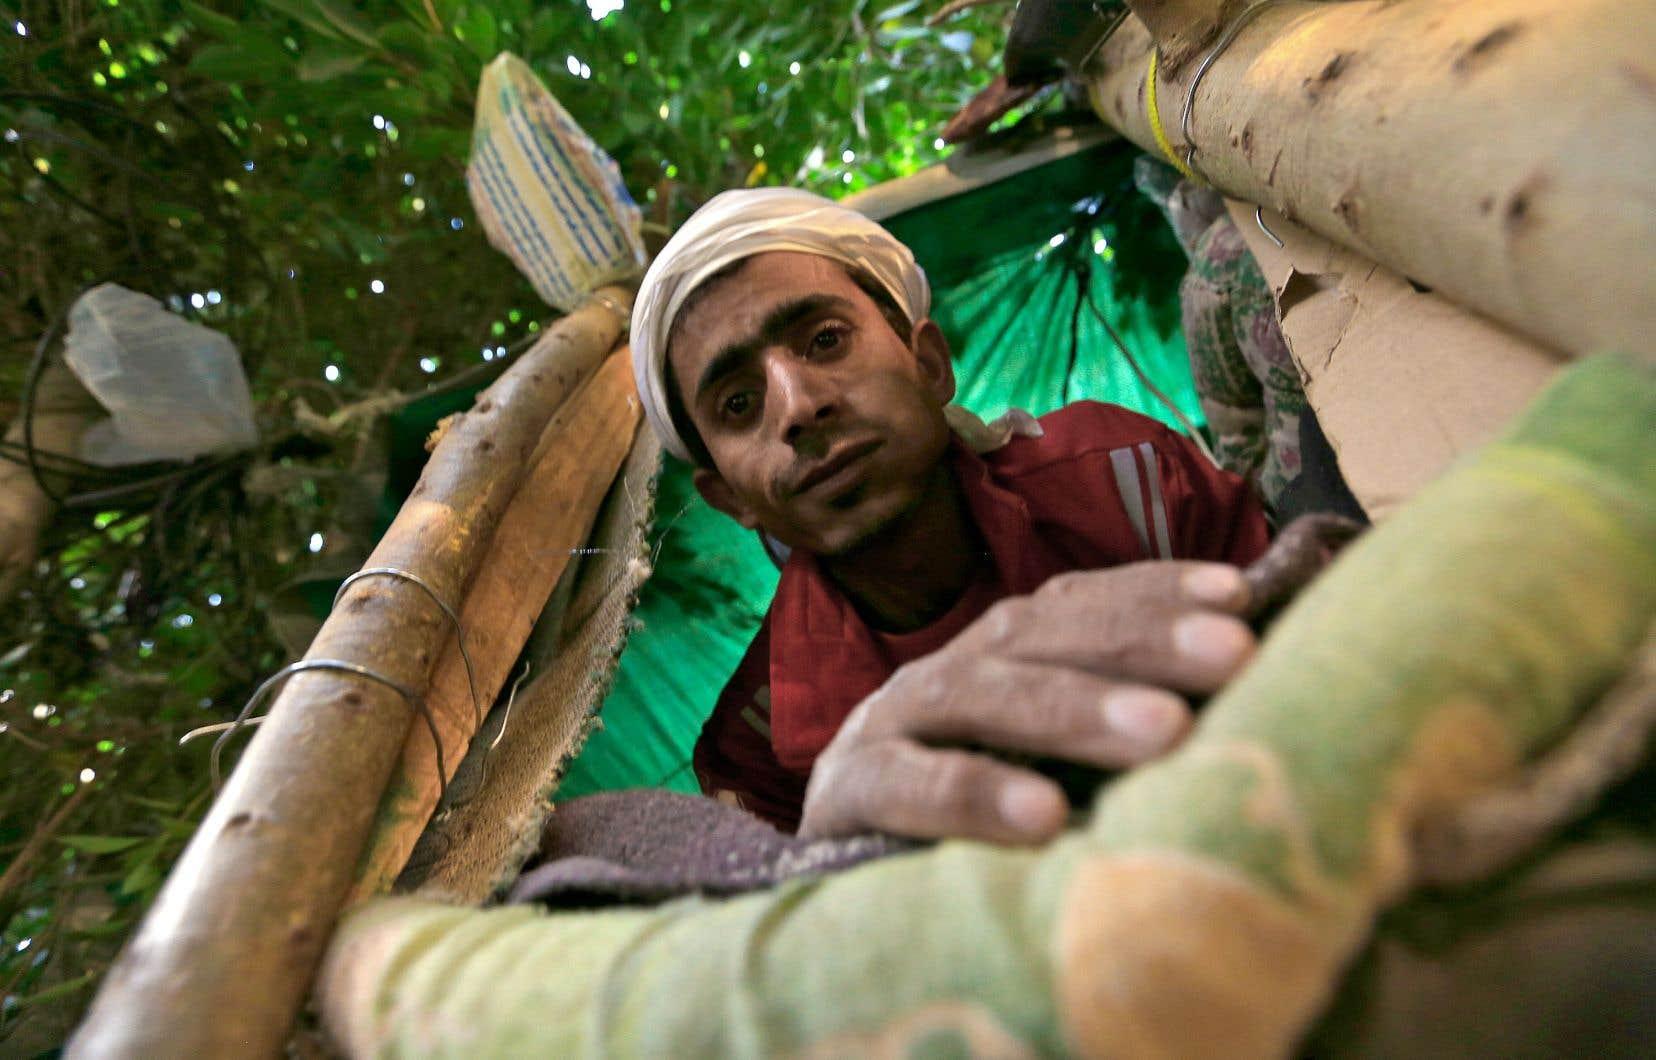 M. Houbeichi a d'abord dormi dans la rue, avant d'avoir l'idée de s'installer dans un ficus situé sur le terre-plein séparant deux allées très fréquentées de la « Rue 30 » de la capitale yéménite.